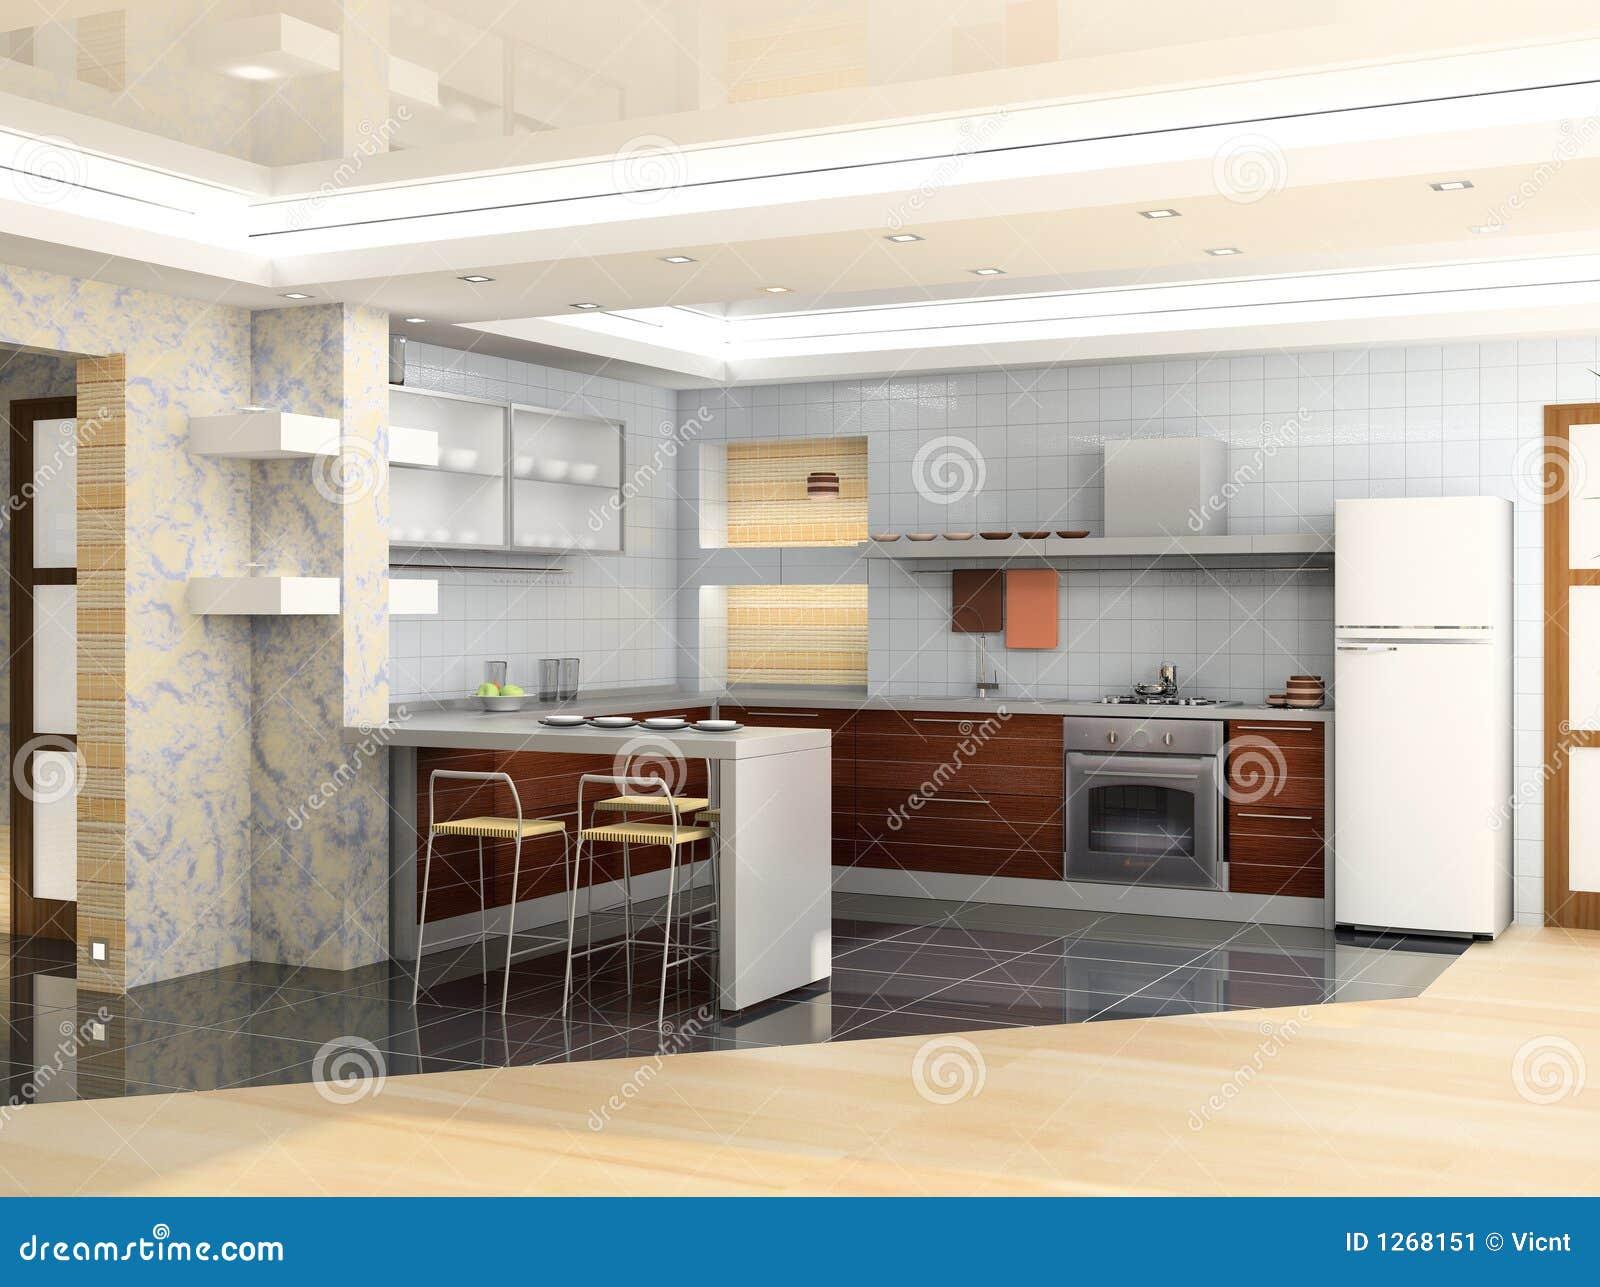 Cozinha Moderna Imagem de Stock Imagem: 1268151 #81A229 1300 1062